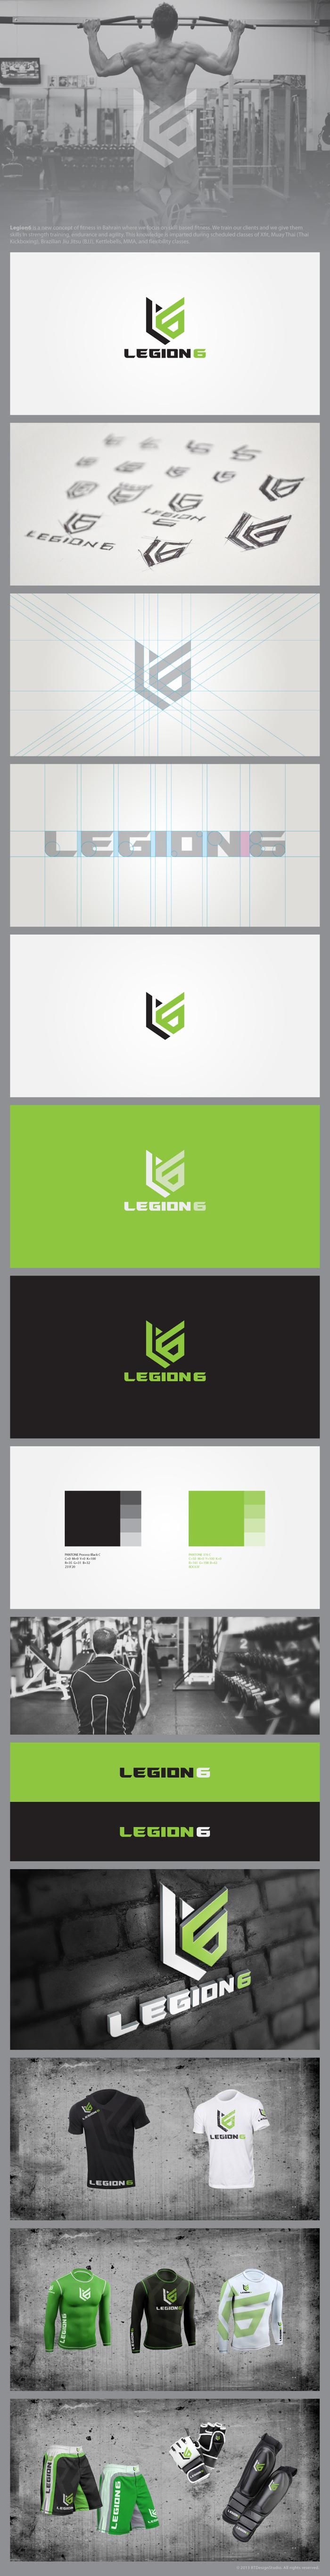 Legion 6